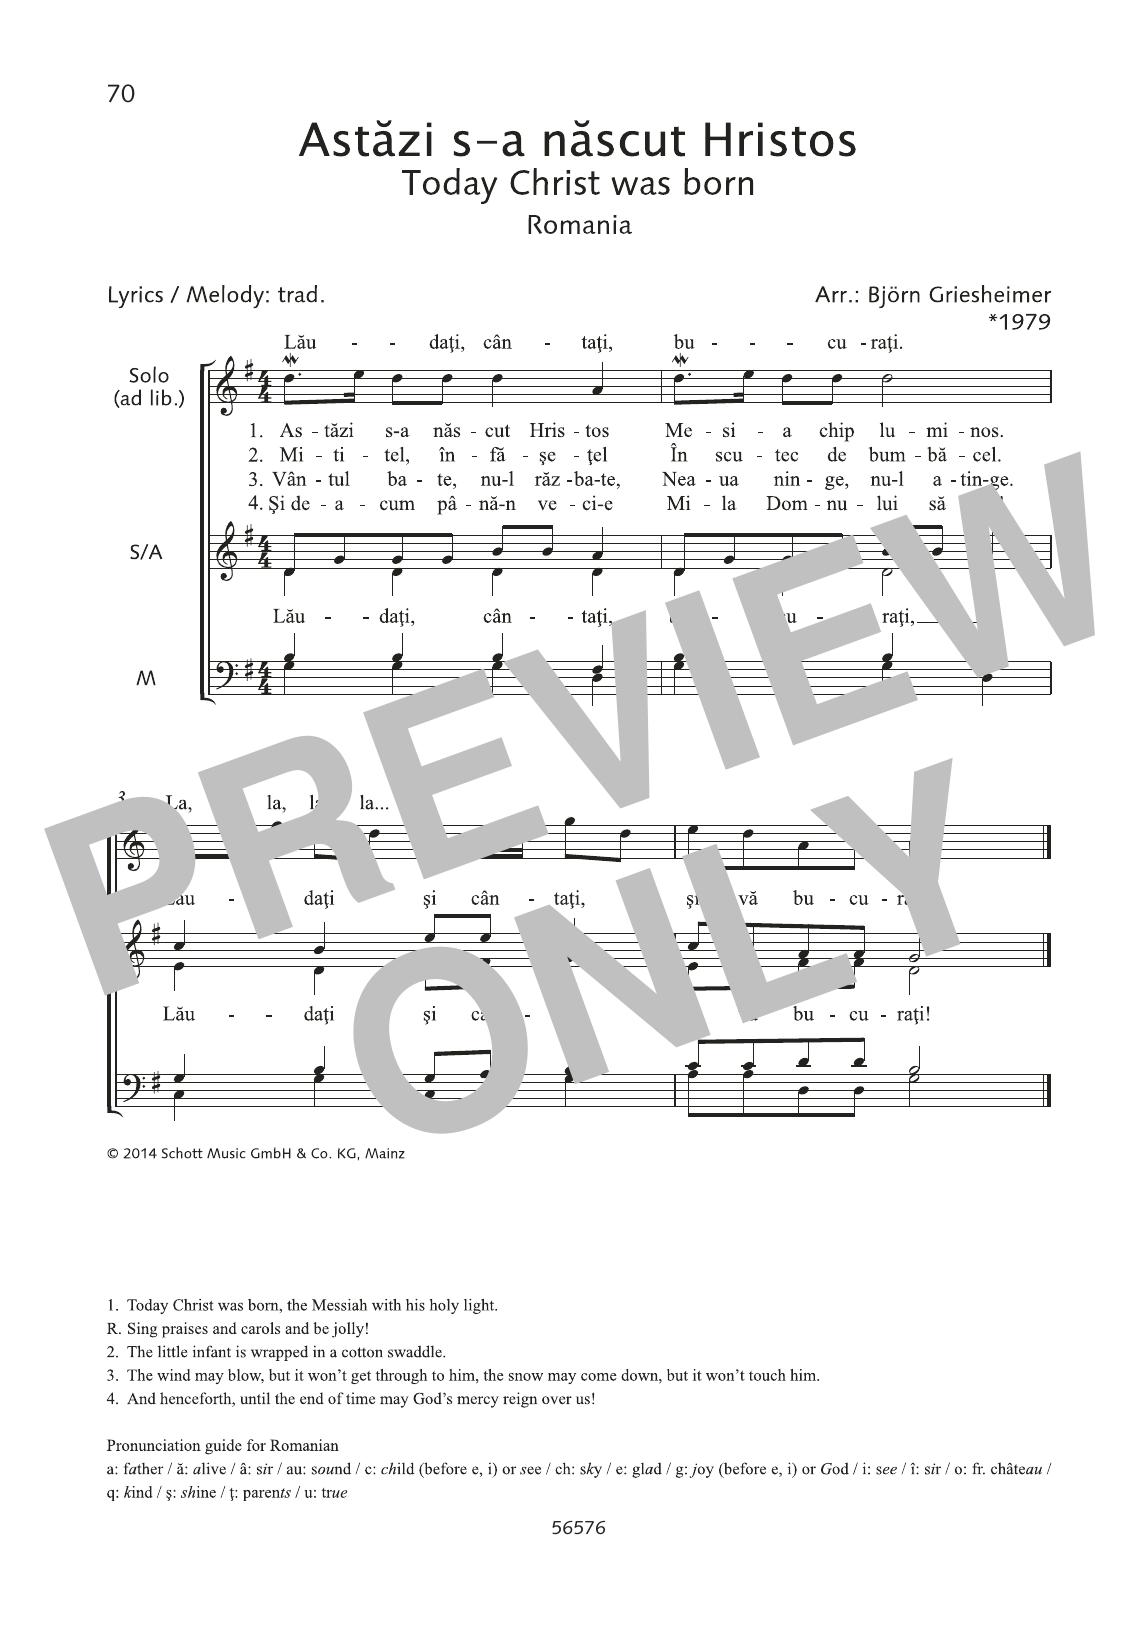 Astazi s-a nascut Hristos Sheet Music